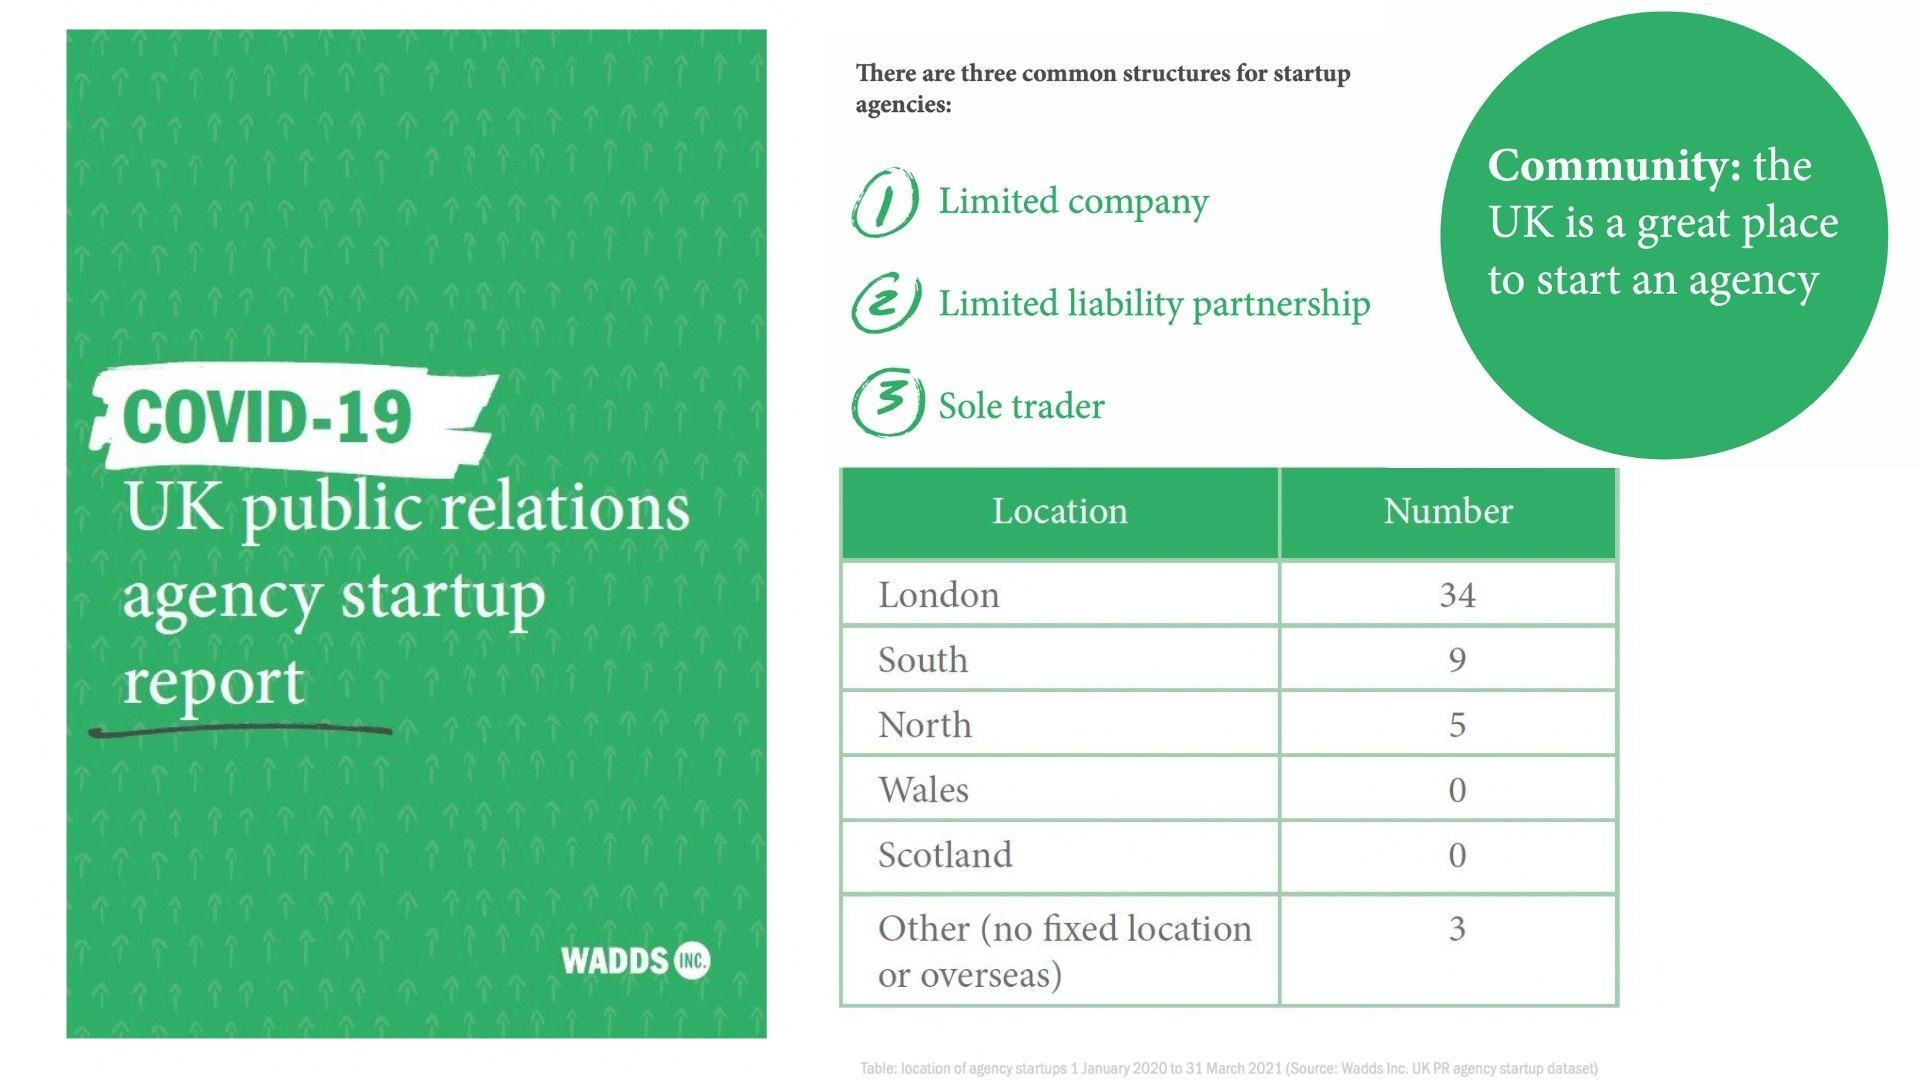 Wadds Inc PR Report